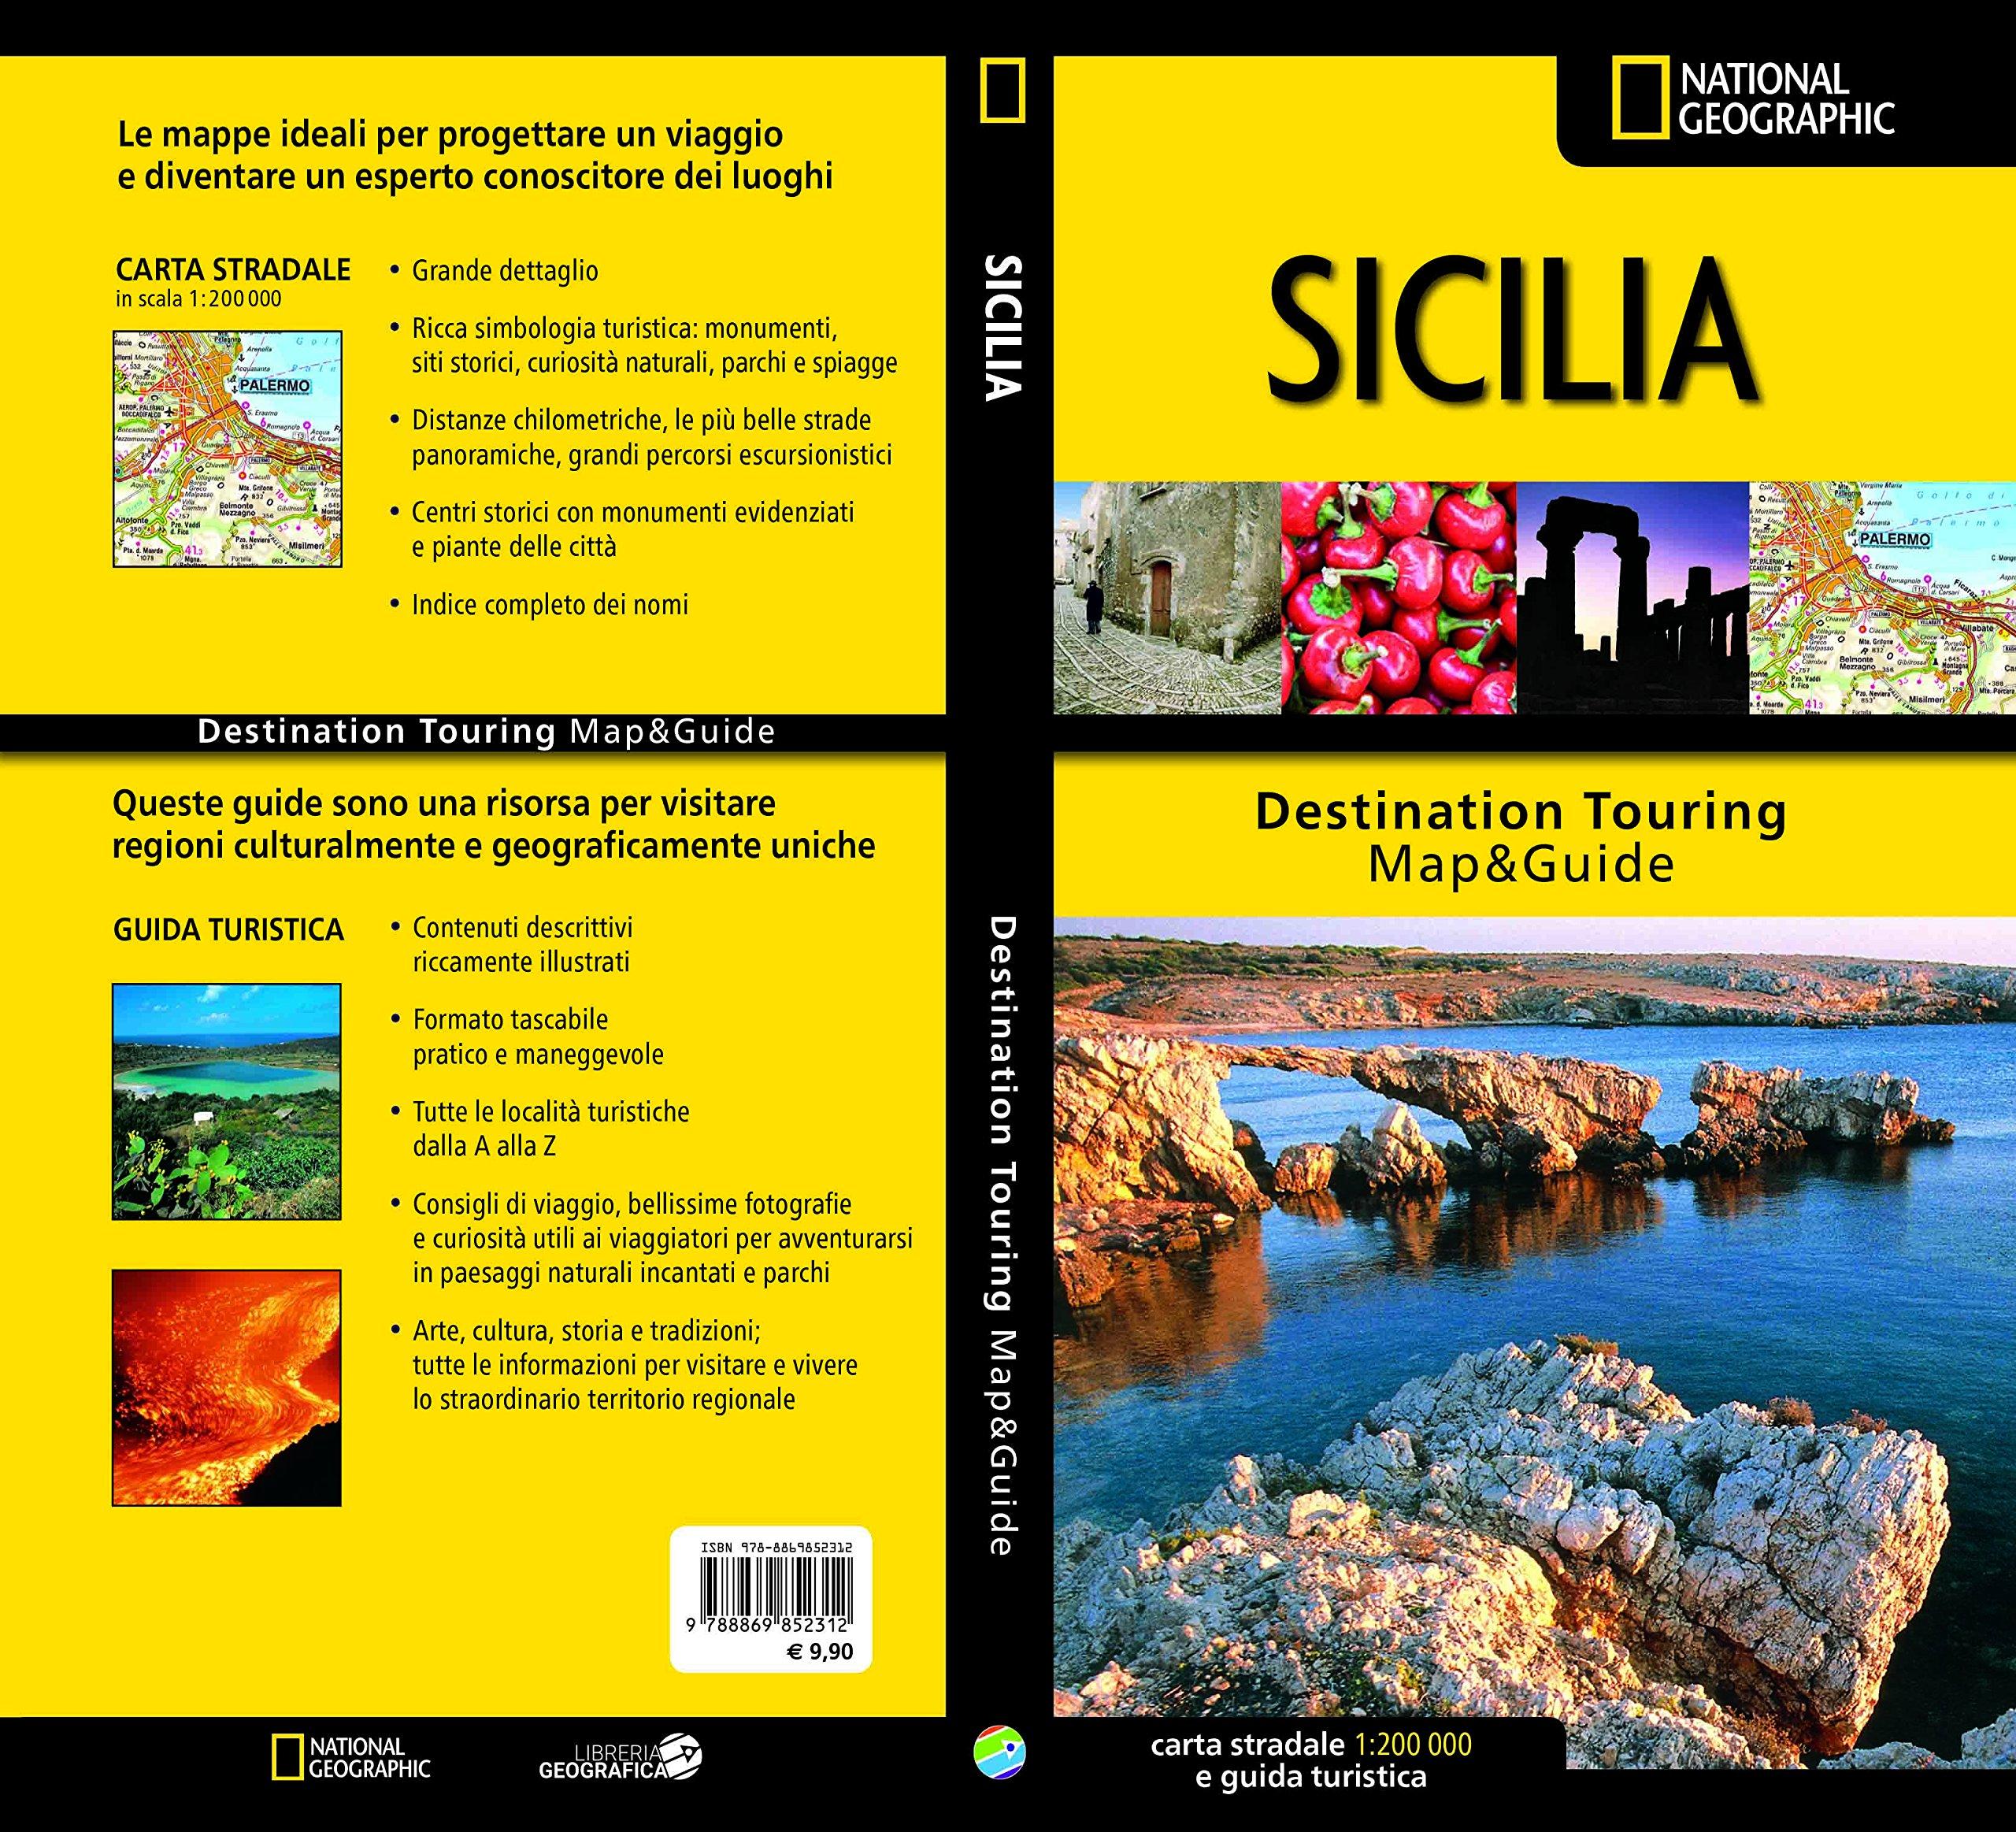 Cartina Della Sicilia Turistica.Amazon It Sicilia Carta Stradale E Guida Turistica 1